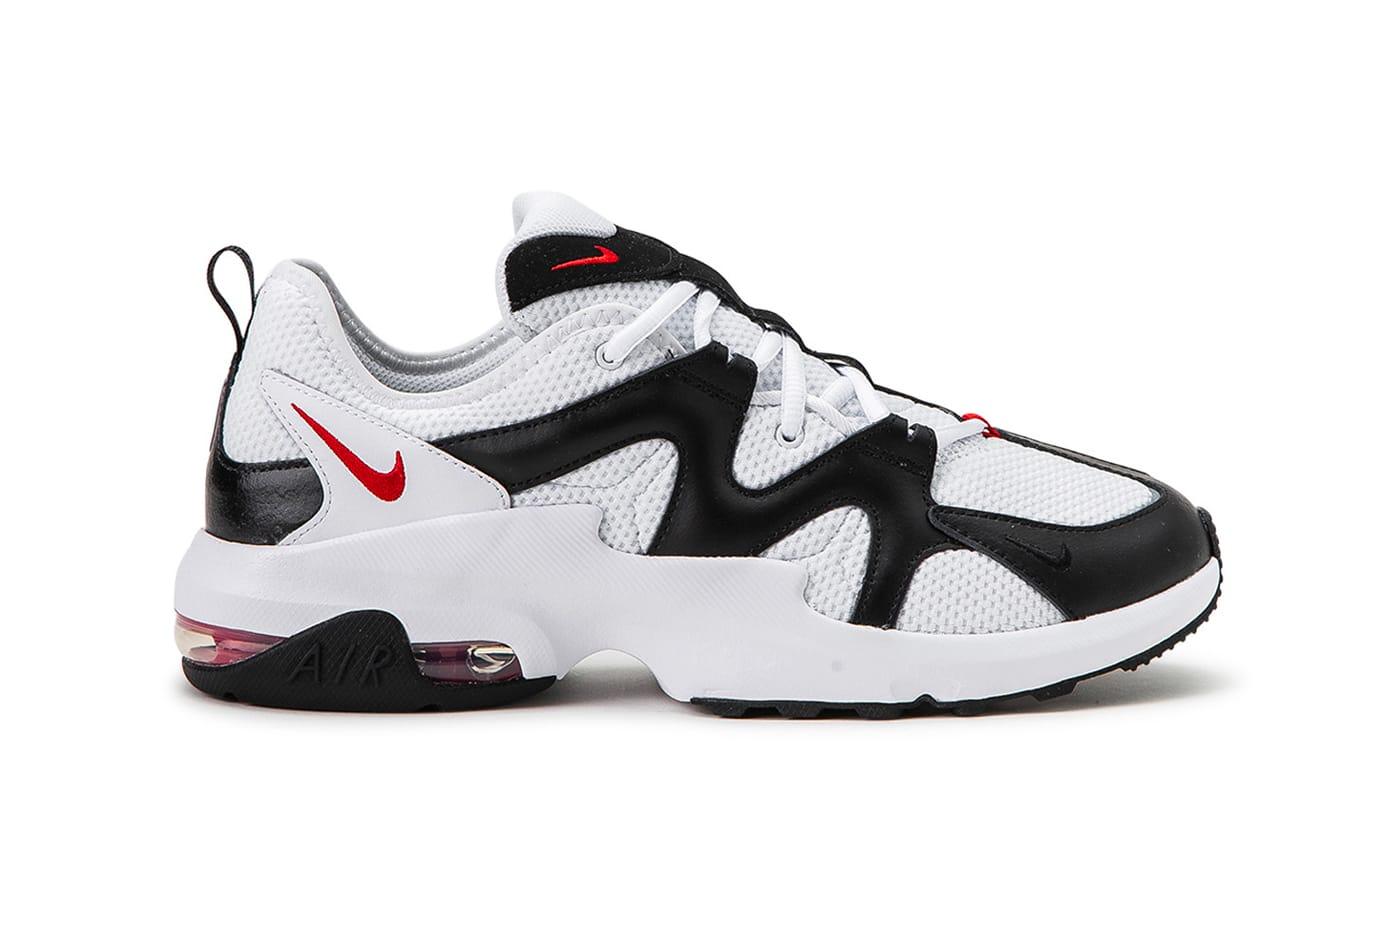 Nike Air Max Graviton in \